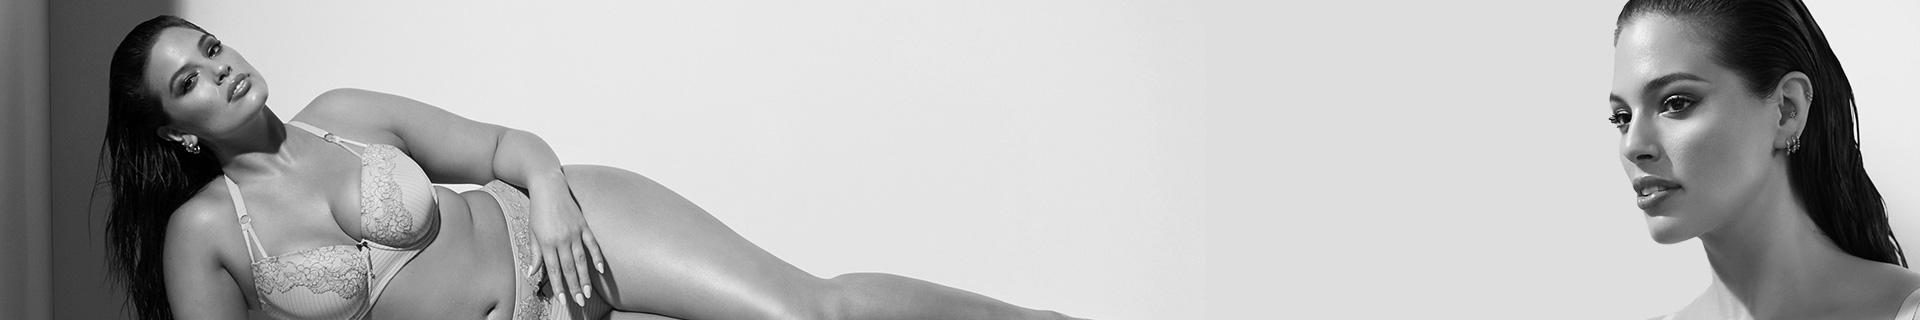 La séduction est un état d'esprit et Ashley Graham, top-modèle taille plus, militante et créatrice de lingerie, veut partager sa vision sexy de la lingerie! Luxueuse et sensuelle jusque dans ses moindres détails, la lingerie d'Ashley est faite pour être vue.